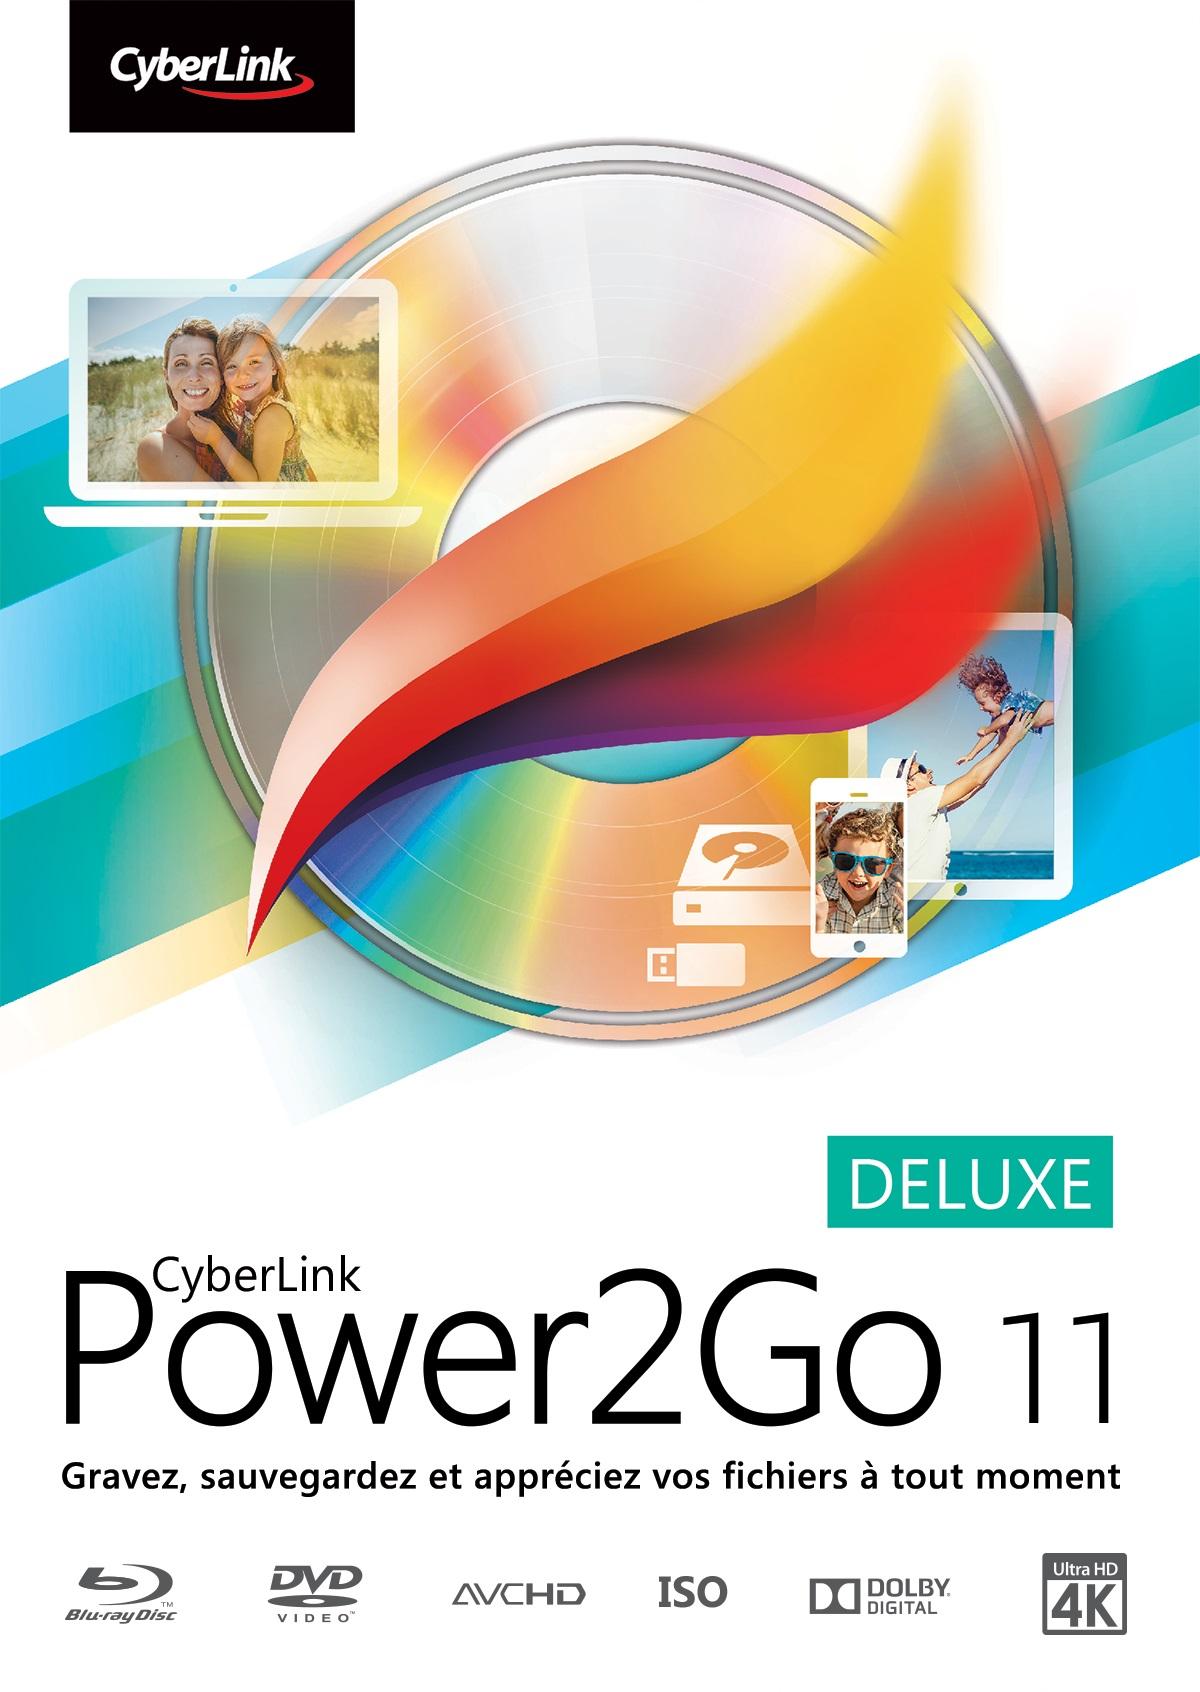 cyberlink-power2go-11-deluxe-telechargement